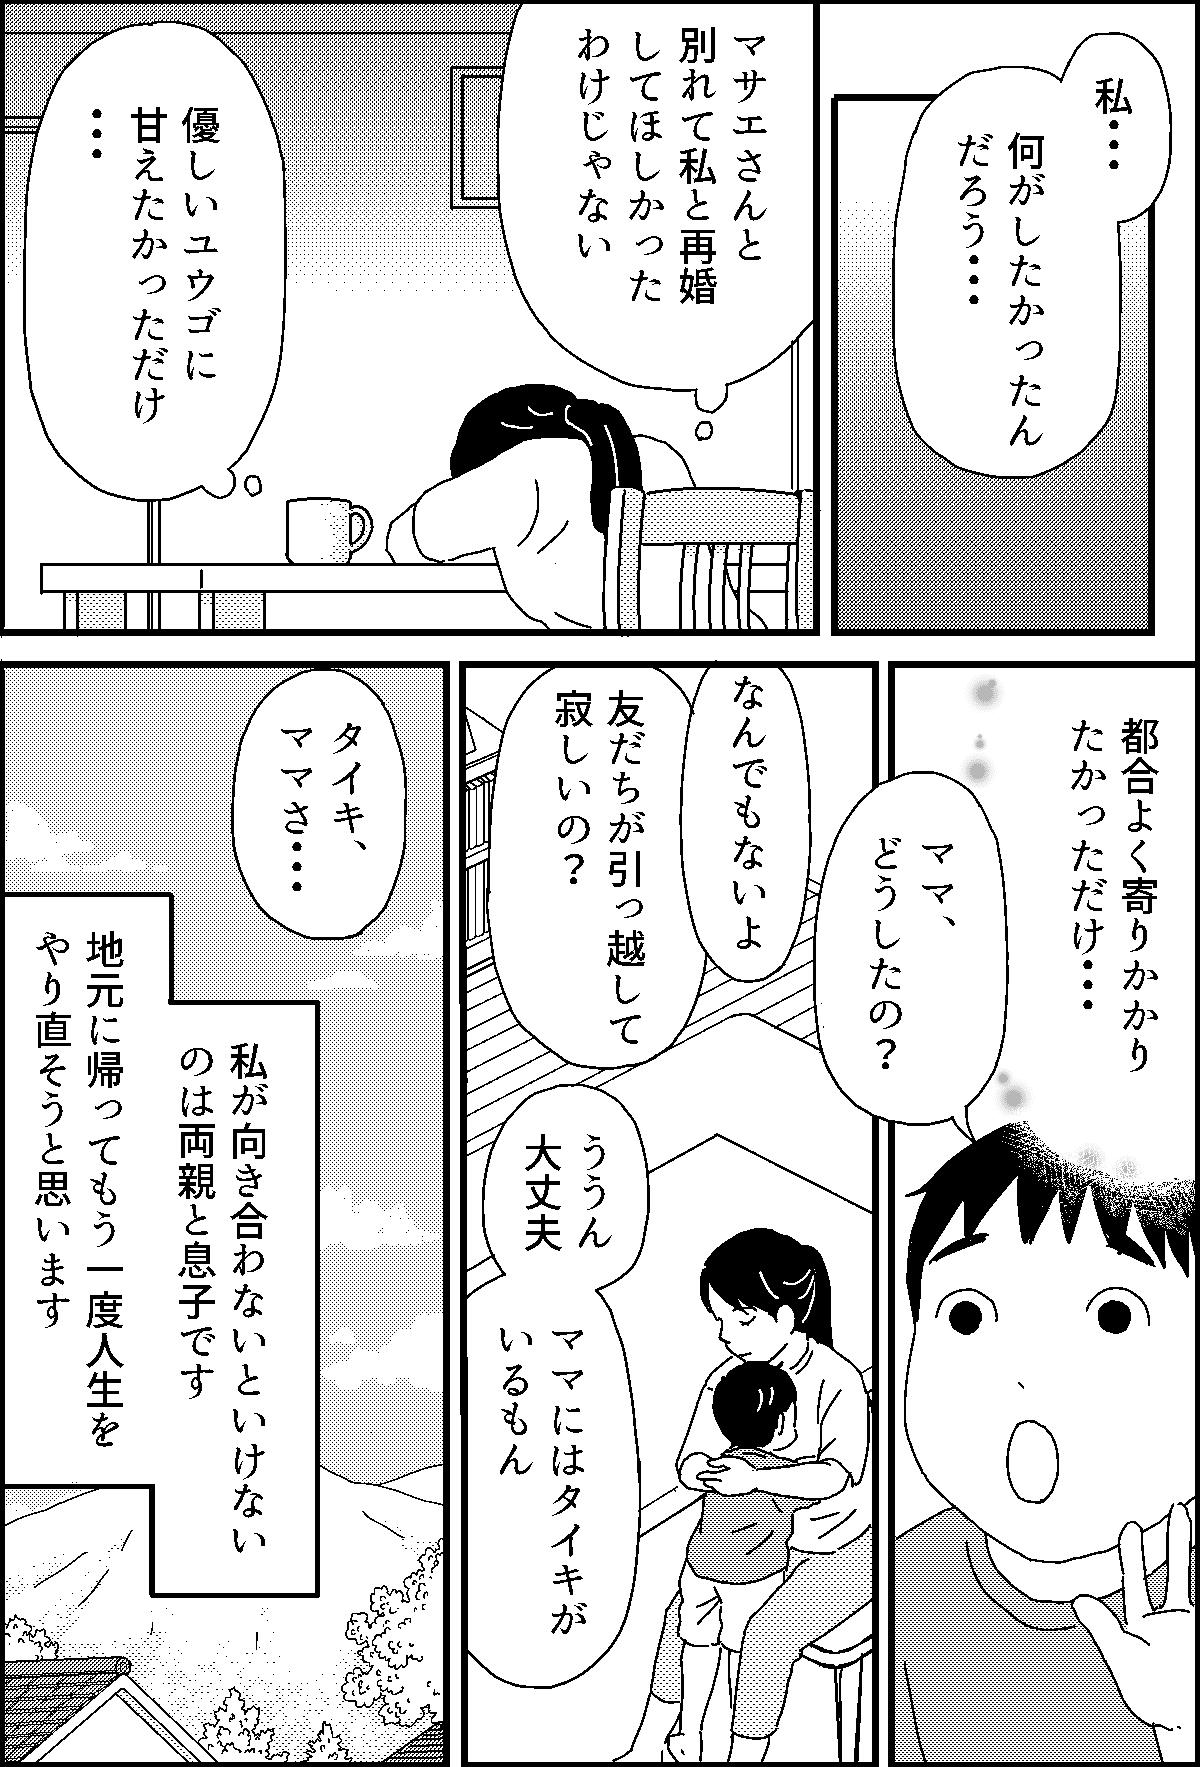 番外編・後編3